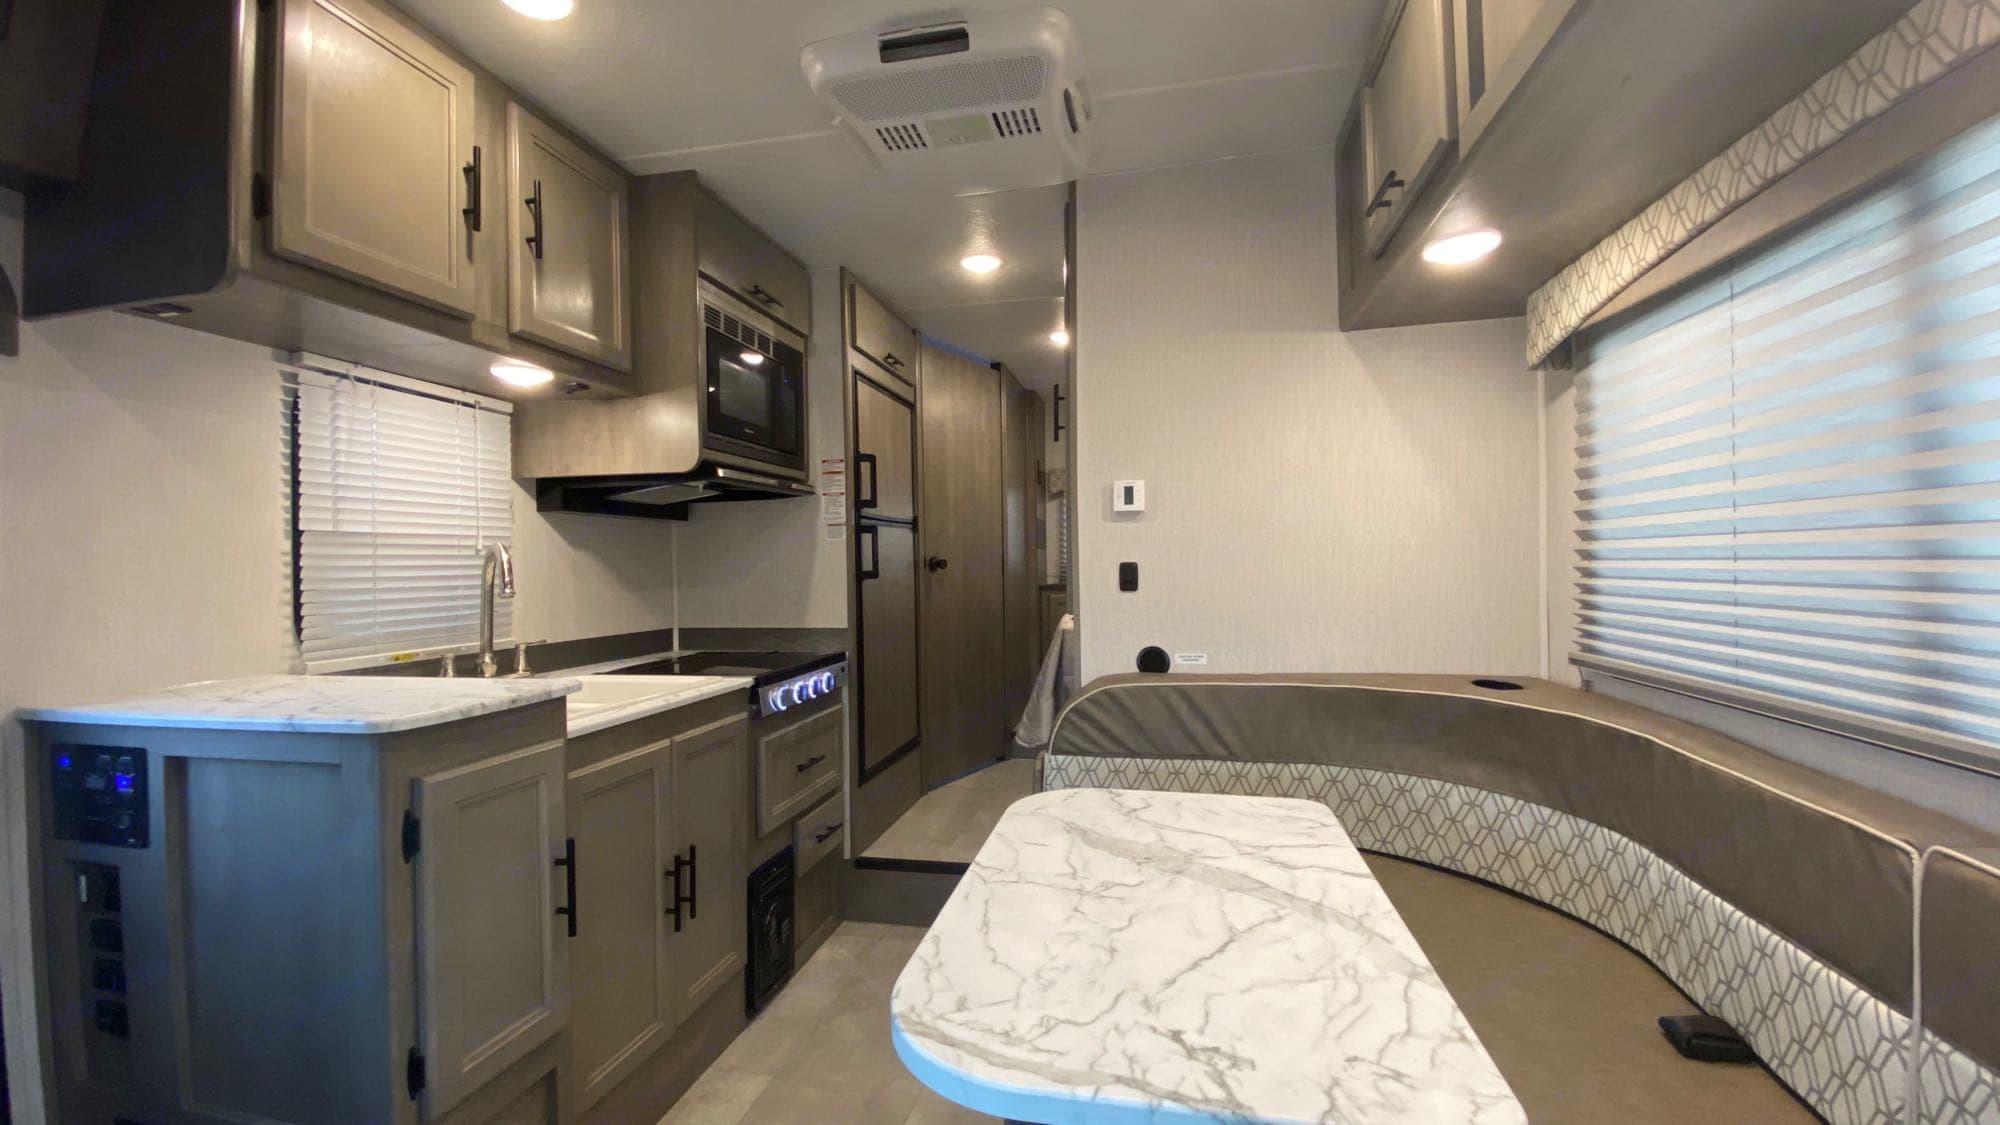 Salon looking back towards bedroom/bathroom. Coachmen Freelander 2021